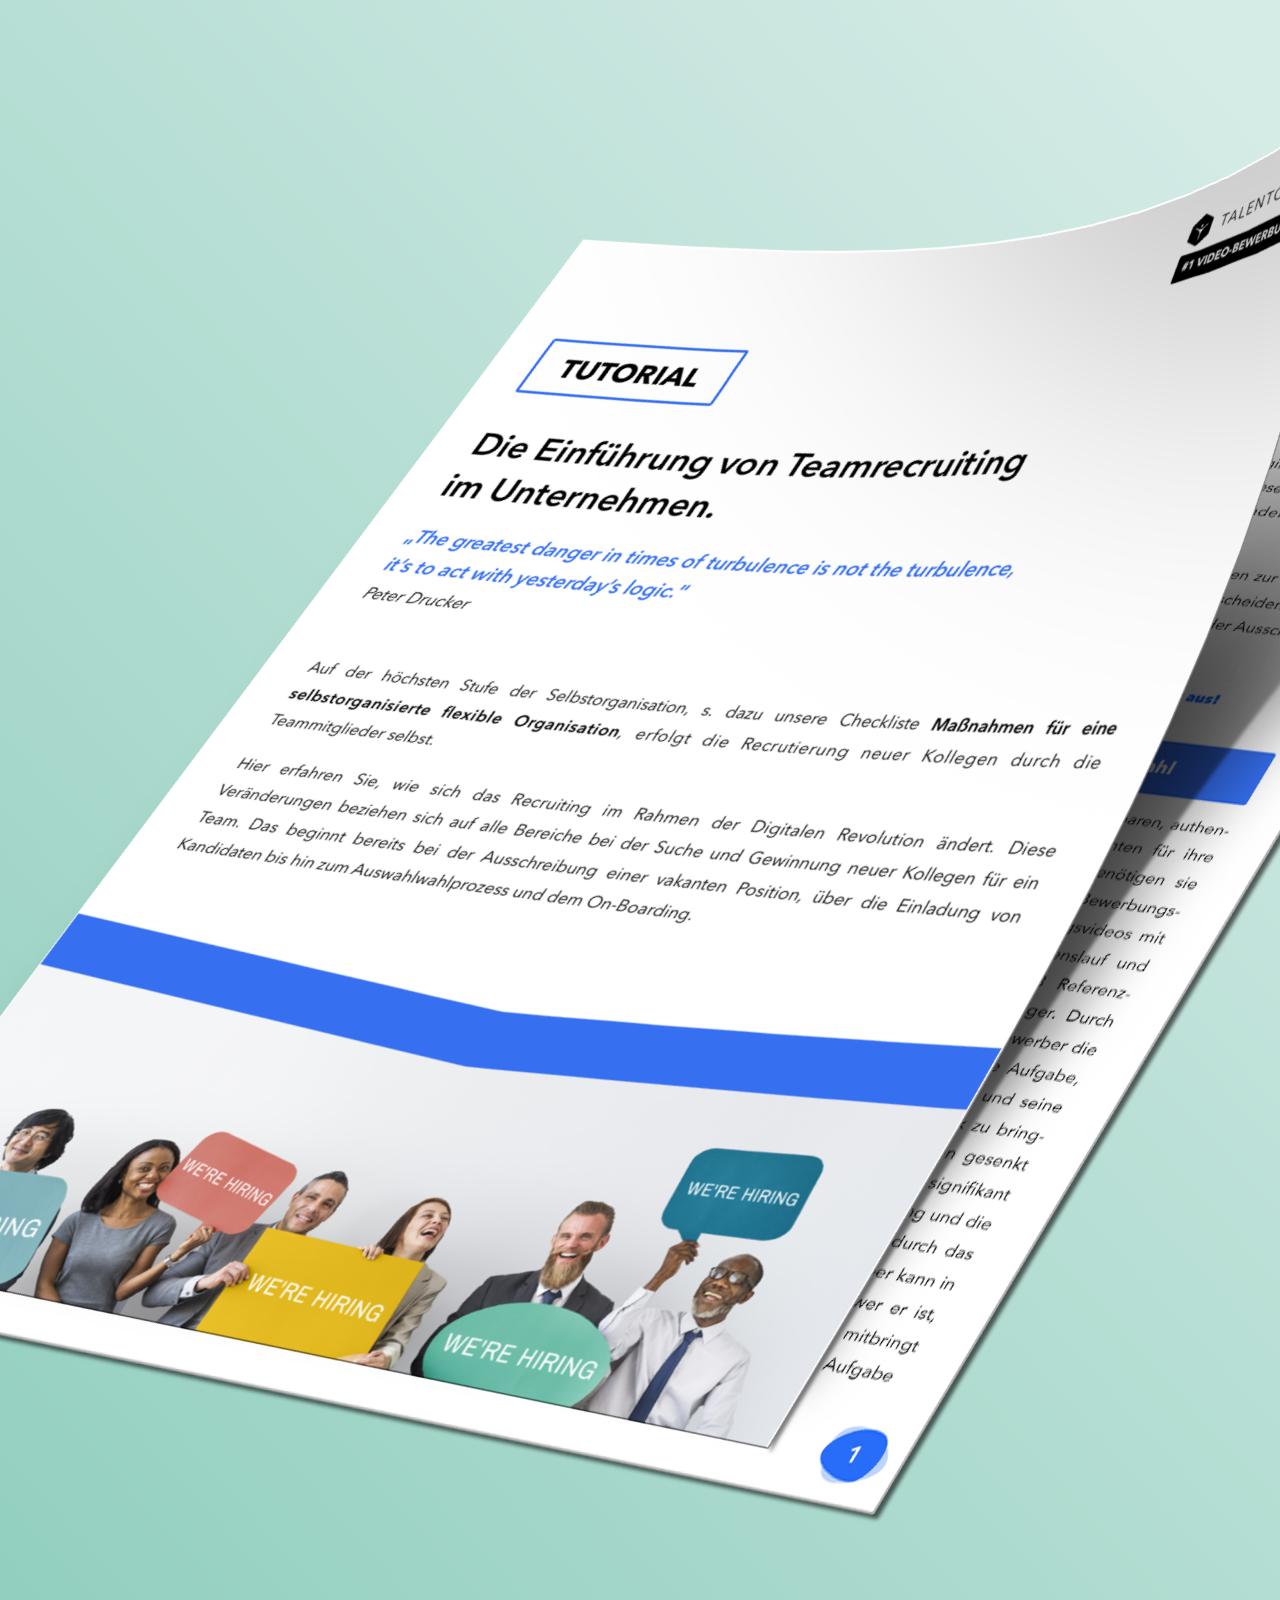 Tutorial: Die Einführung von Team Recruiting im Unternehmen